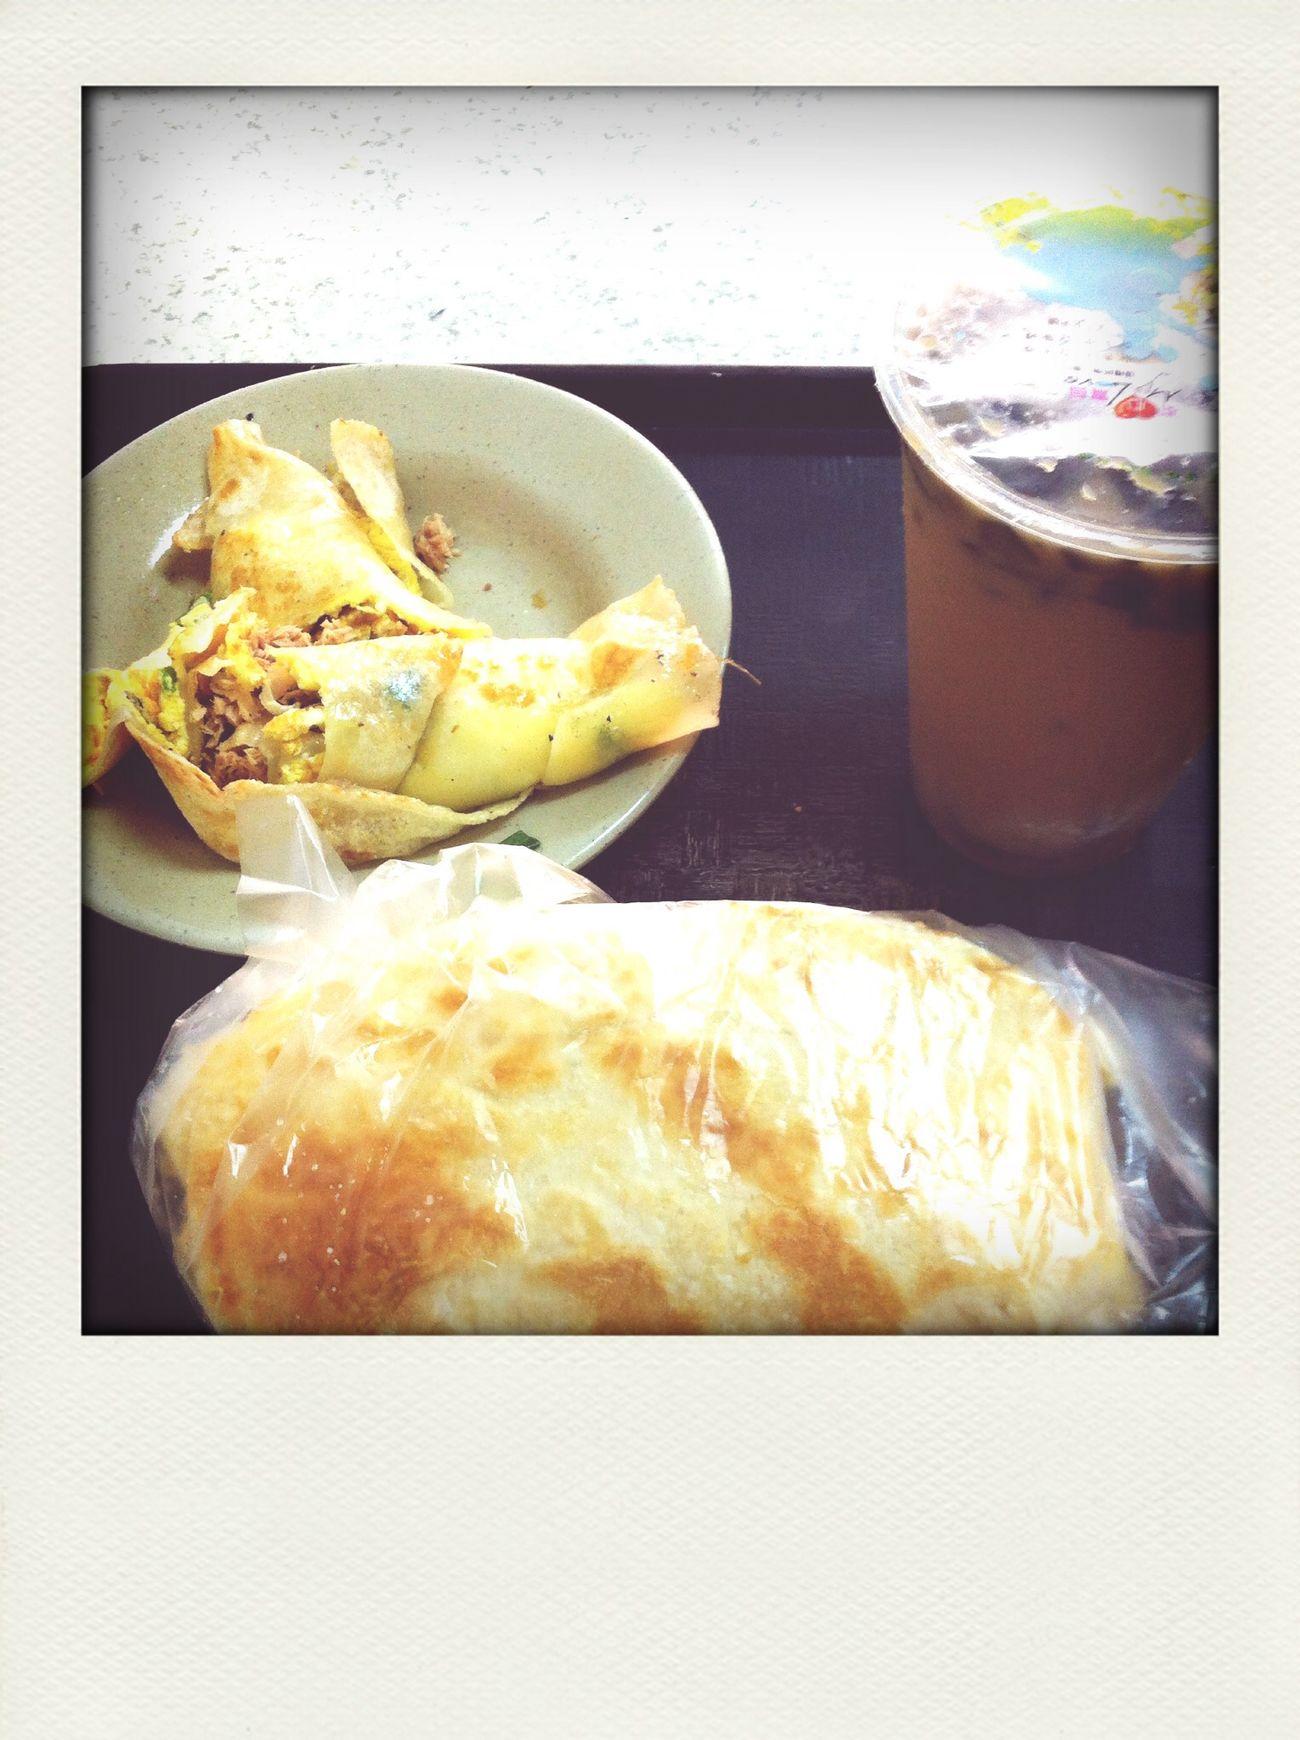 鮪魚蛋餅+燒餅夾生菜沙拉+仙草豆漿。